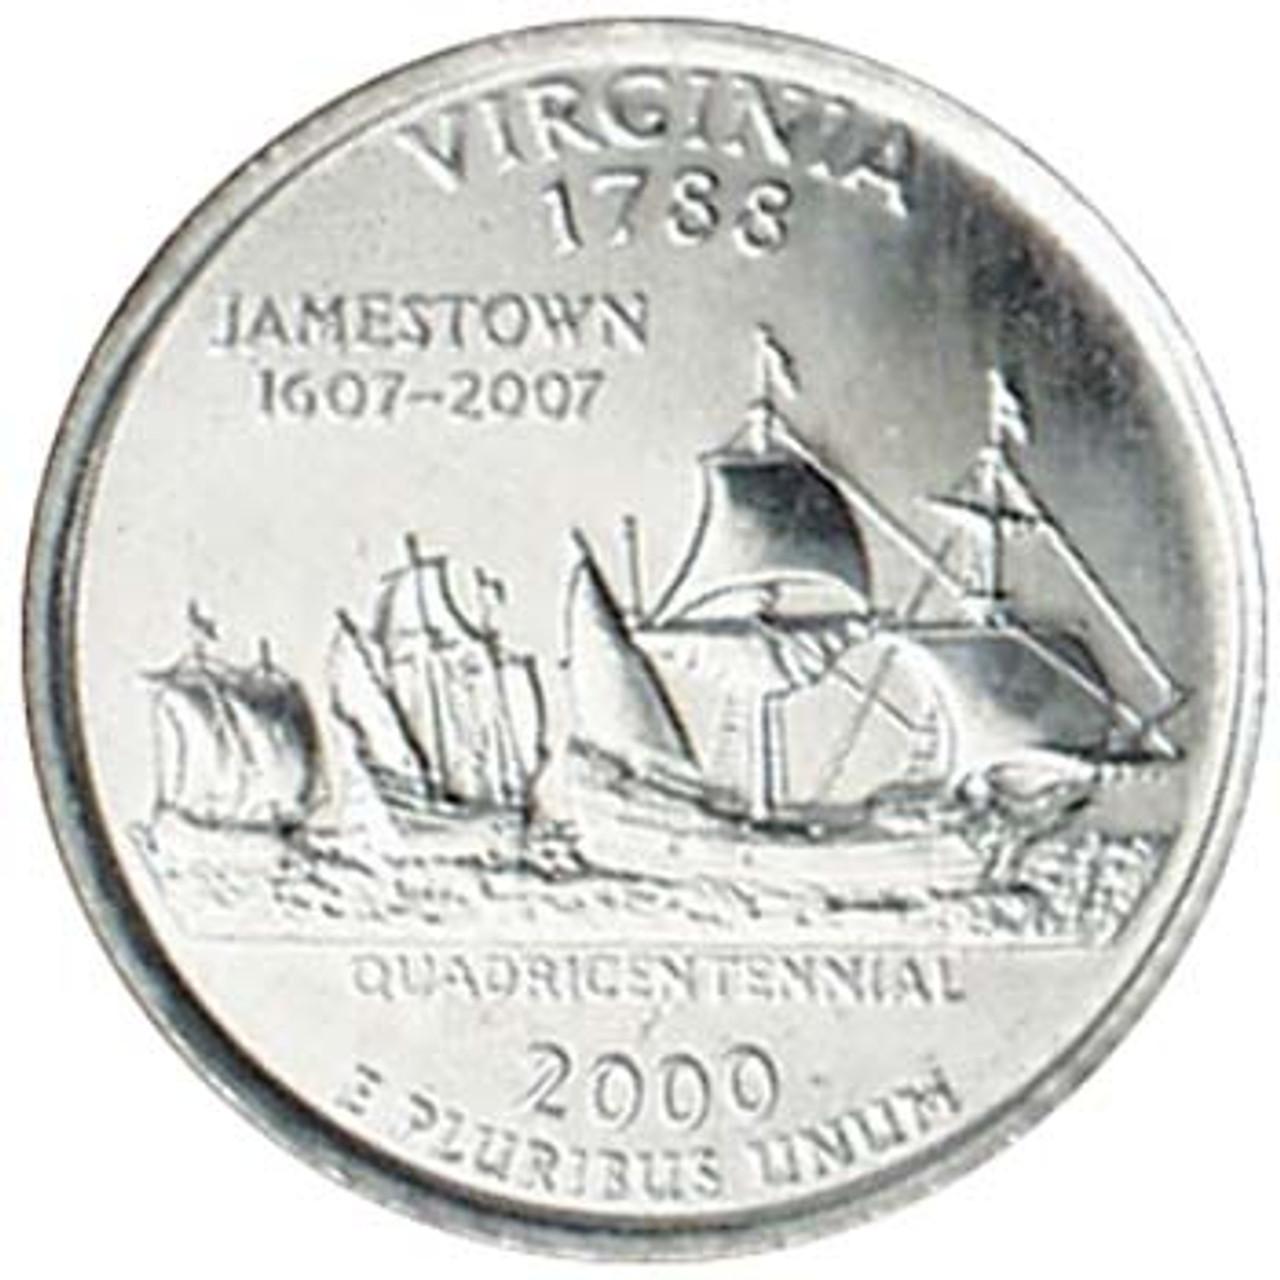 2000-D Virginia Quarter Brilliant Uncirculated Image 1